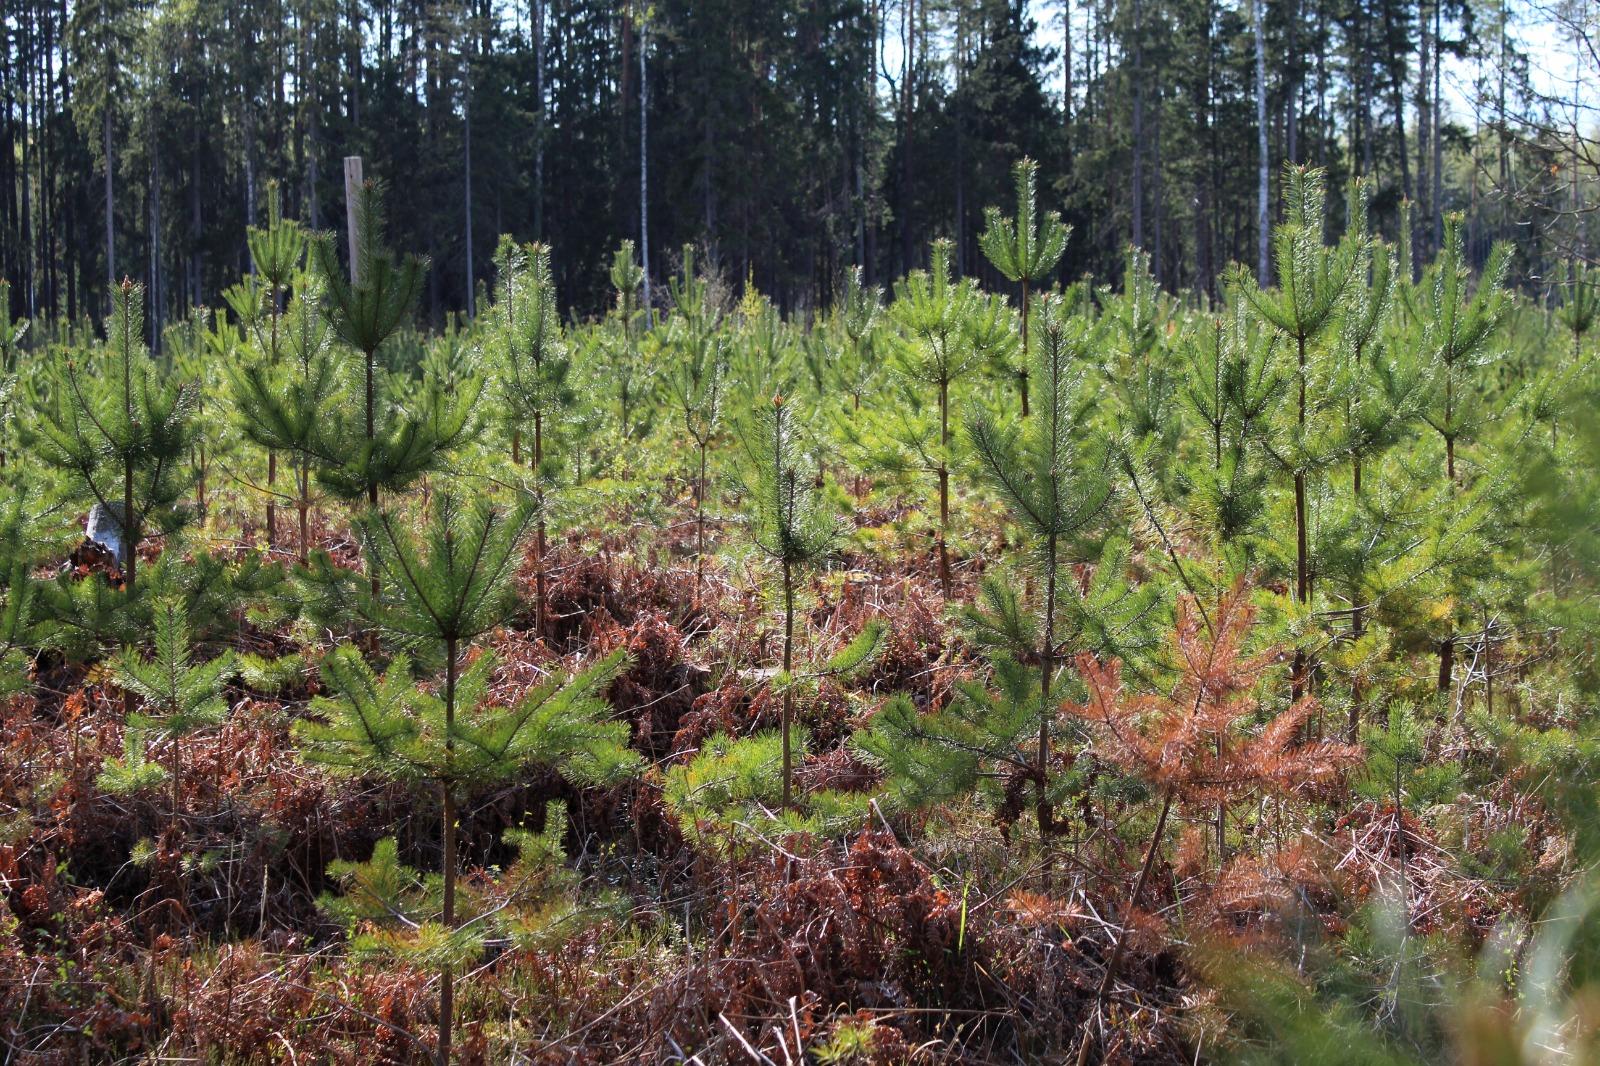 Meža atjaunošana un ieaudzēšana CO2 piesaistei, meža reproduktīvais materiāls